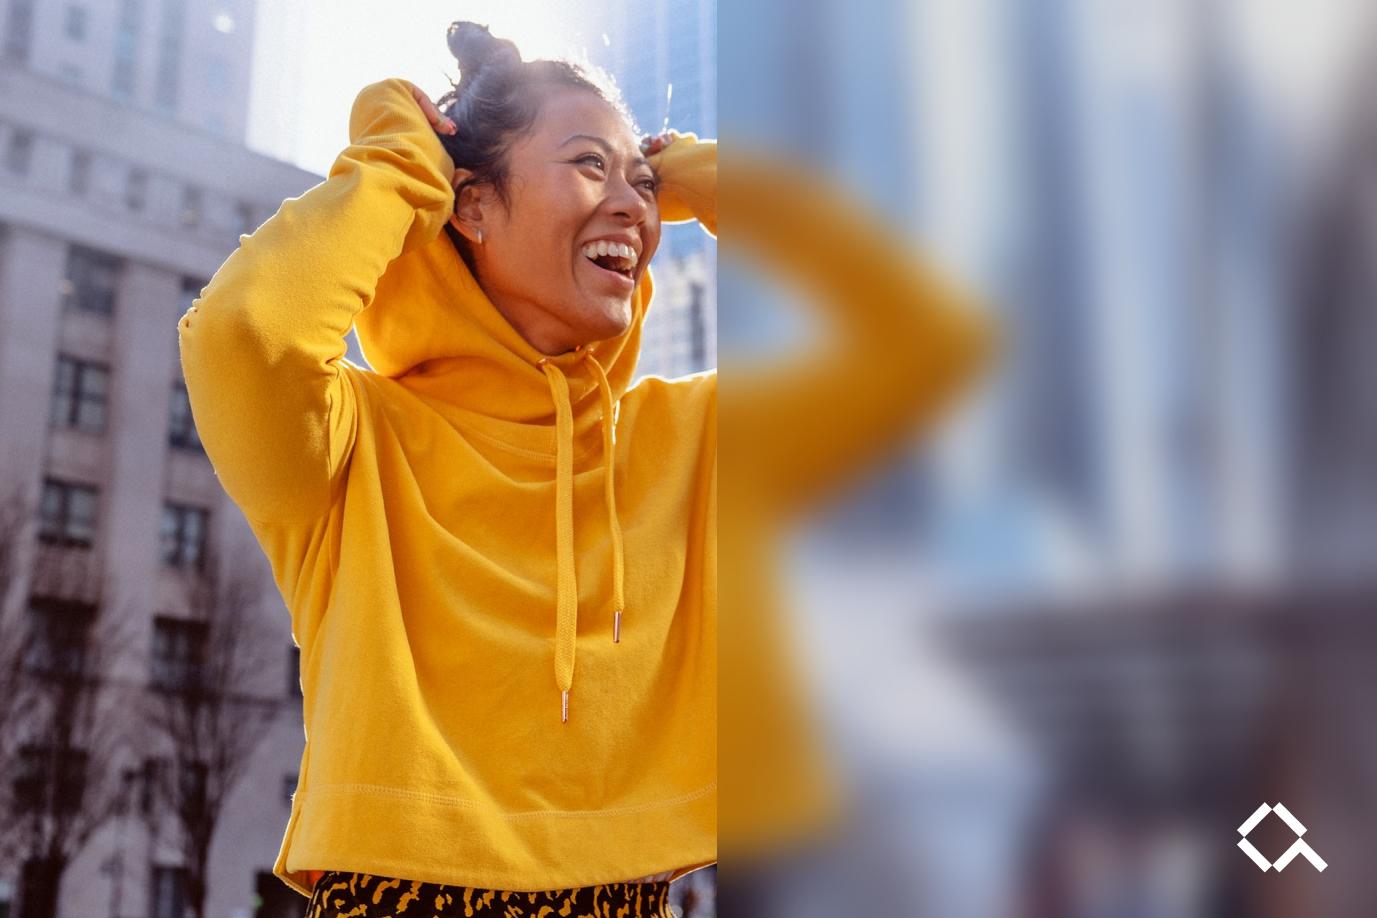 Alva-yellow-sweater-blurredright